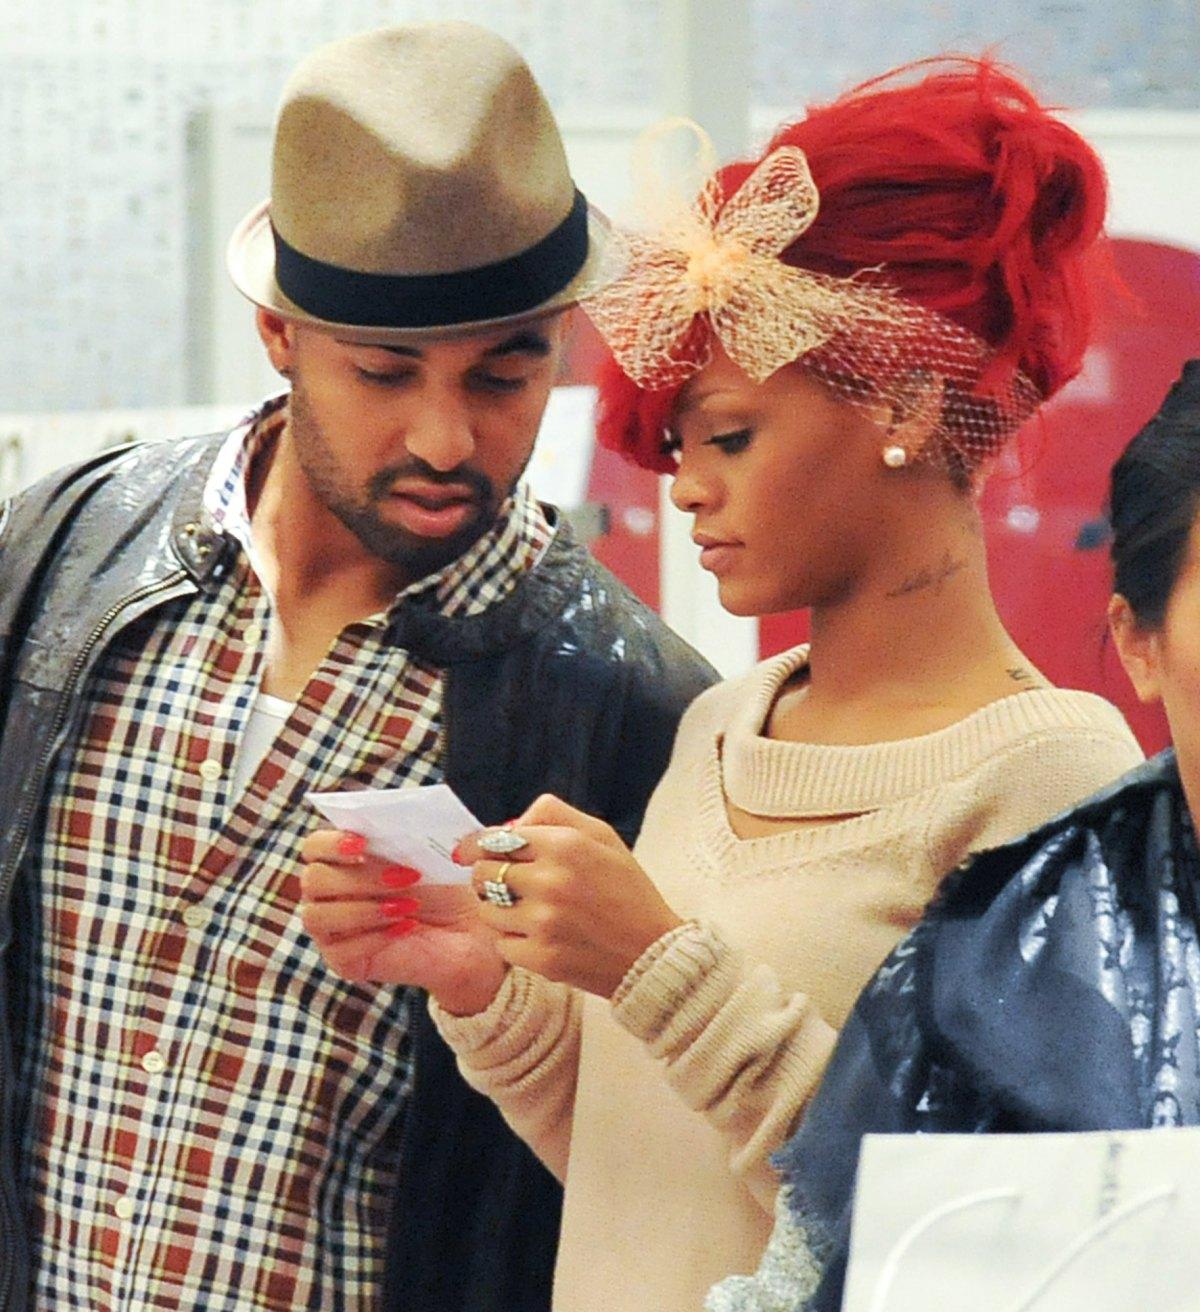 Relationship history rihanna Rihanna and